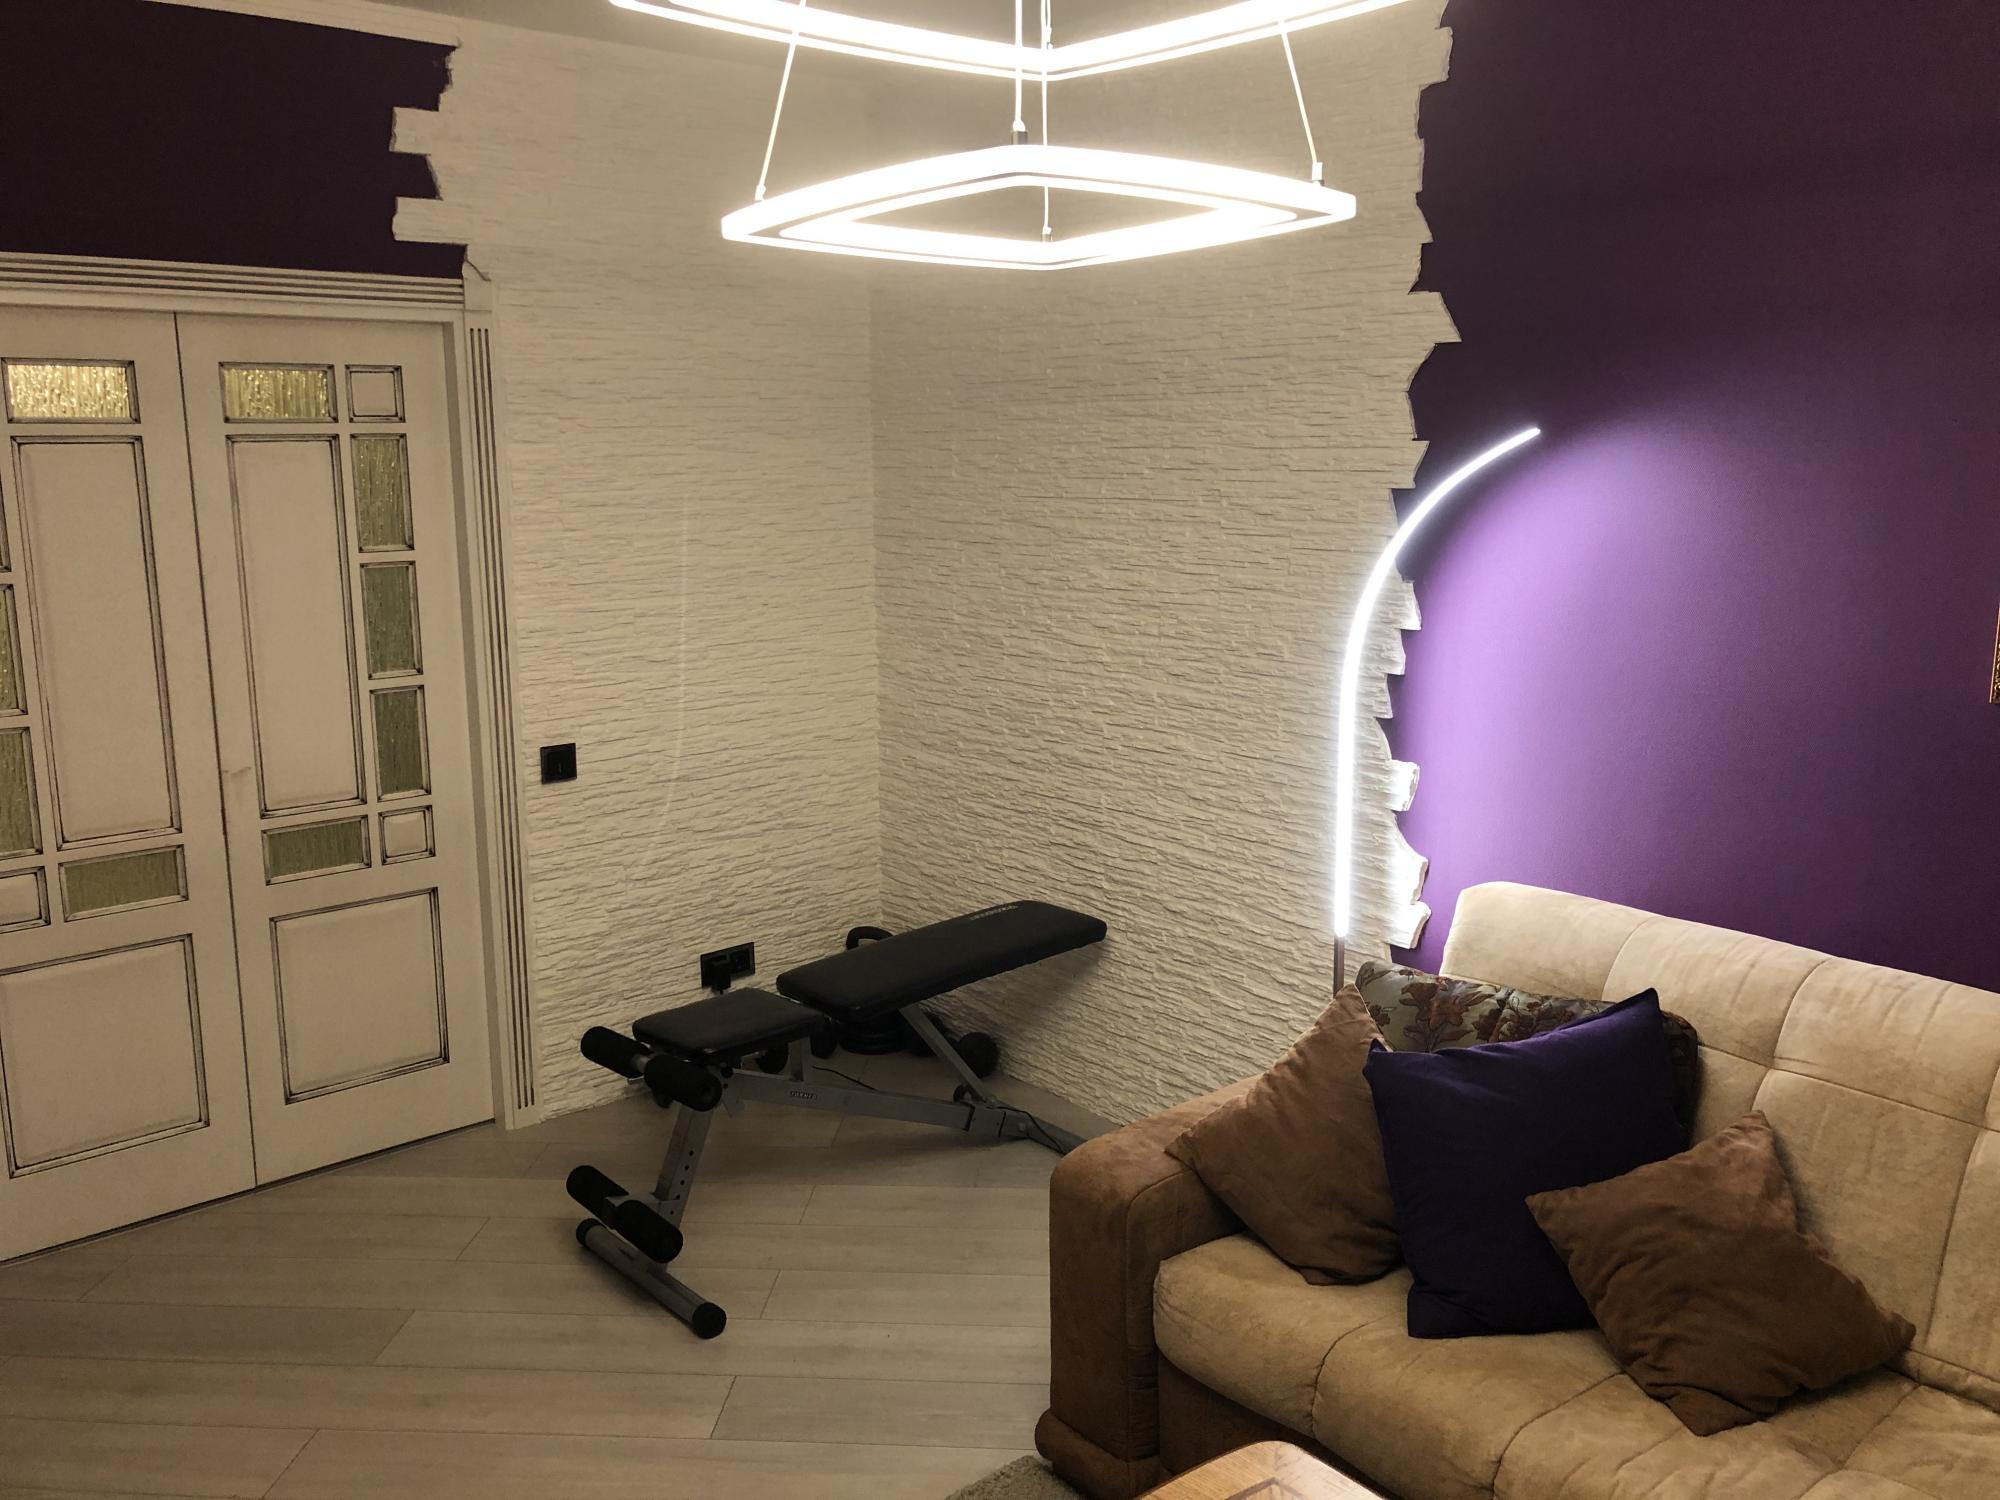 Квартира, 3 комнаты, 84 м² в Троицке 89671215191 купить 3